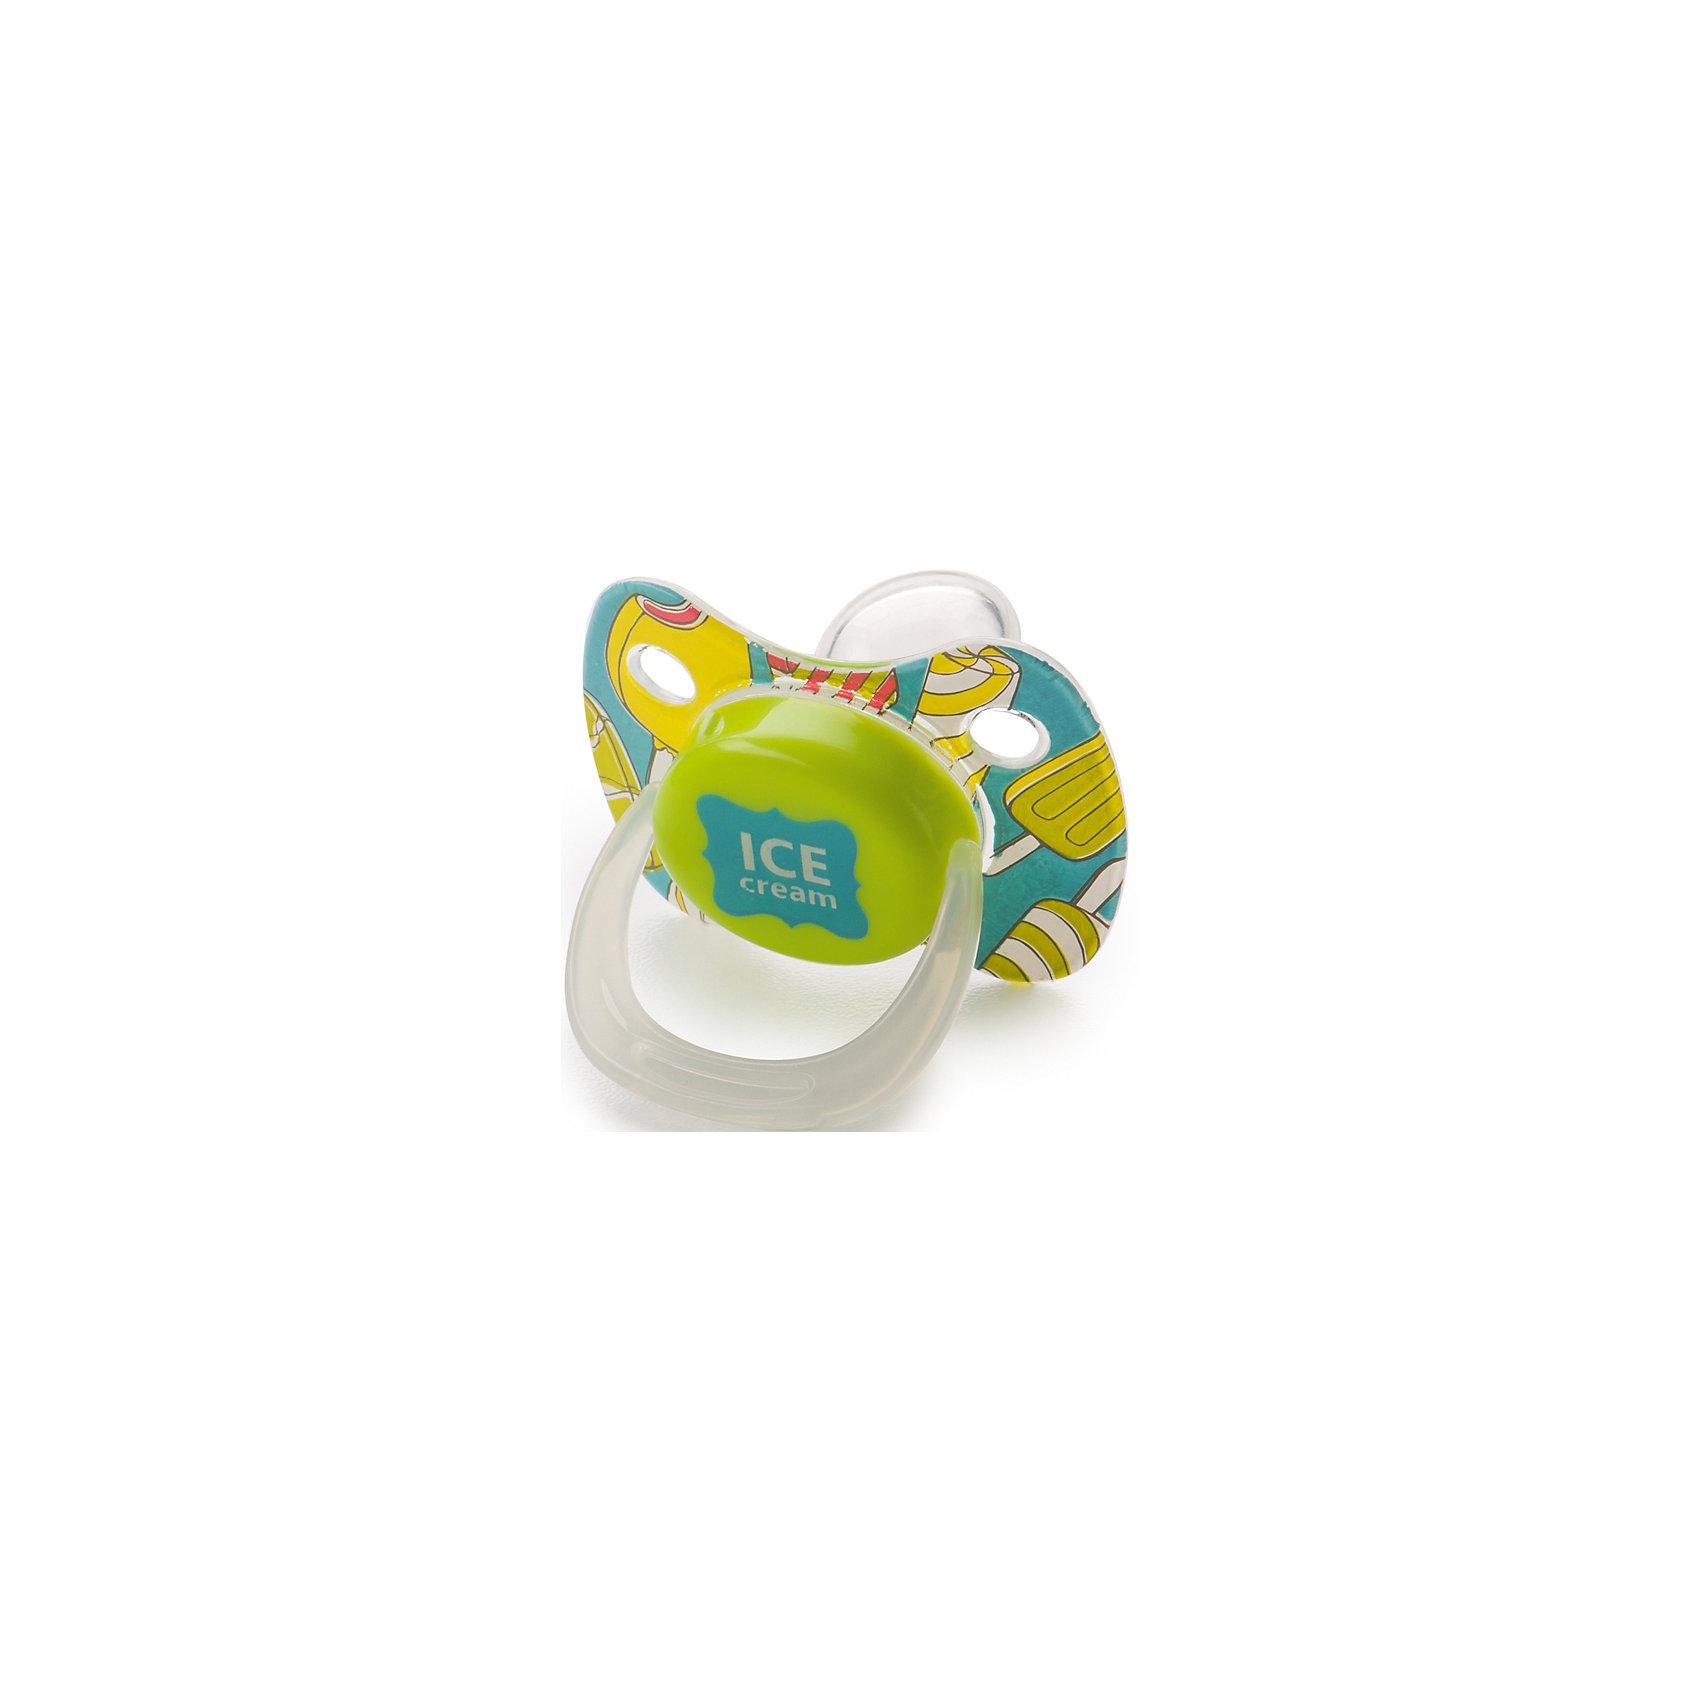 Соска-пустышка с колпачком, с 12 мес., Happy Baby, лаймПустышка от торговой марки Happy Baby - необходимое приобретение для Вашего малыша. Она предназначена для детей с 12 месяцев, Happy Baby, лайм и служит для того, чтобы удовлетворить их естественную потребность в сосании. Пустышка имеет ортодонтическую форму и изготовлена из натурального гипоаллергенного силикона. В носогубнике сделаны отверстия для вентиляции воздуха, что позволит избежать раздражений и покраснений. Изделие выполнено в стильном и ярком дизайне, что обязательно понравится крохе.<br><br>Дополнительная информация:<br><br>- силиконовая пустышка симметричной формы<br>- вентиляционные отверстия в носогубнике<br>- симметричная форма носогубника<br>- яркий и стильный дизайн<br>- колпачок в комплекте<br>- возраст: от 12 месяцев.<br>- материал: тритан, полипропилен, силикон.<br>- размер упаковки: 5х6,3х13,5 см.<br>- вес: 45 г.<br><br>Соску-пустышку с колпачком, с 12 мес., Happy Baby, лайм можно купить в нашем интернет-магазине.<br><br>Ширина мм: 50<br>Глубина мм: 65<br>Высота мм: 135<br>Вес г: 45<br>Возраст от месяцев: 12<br>Возраст до месяцев: 24<br>Пол: Унисекс<br>Возраст: Детский<br>SKU: 4696815